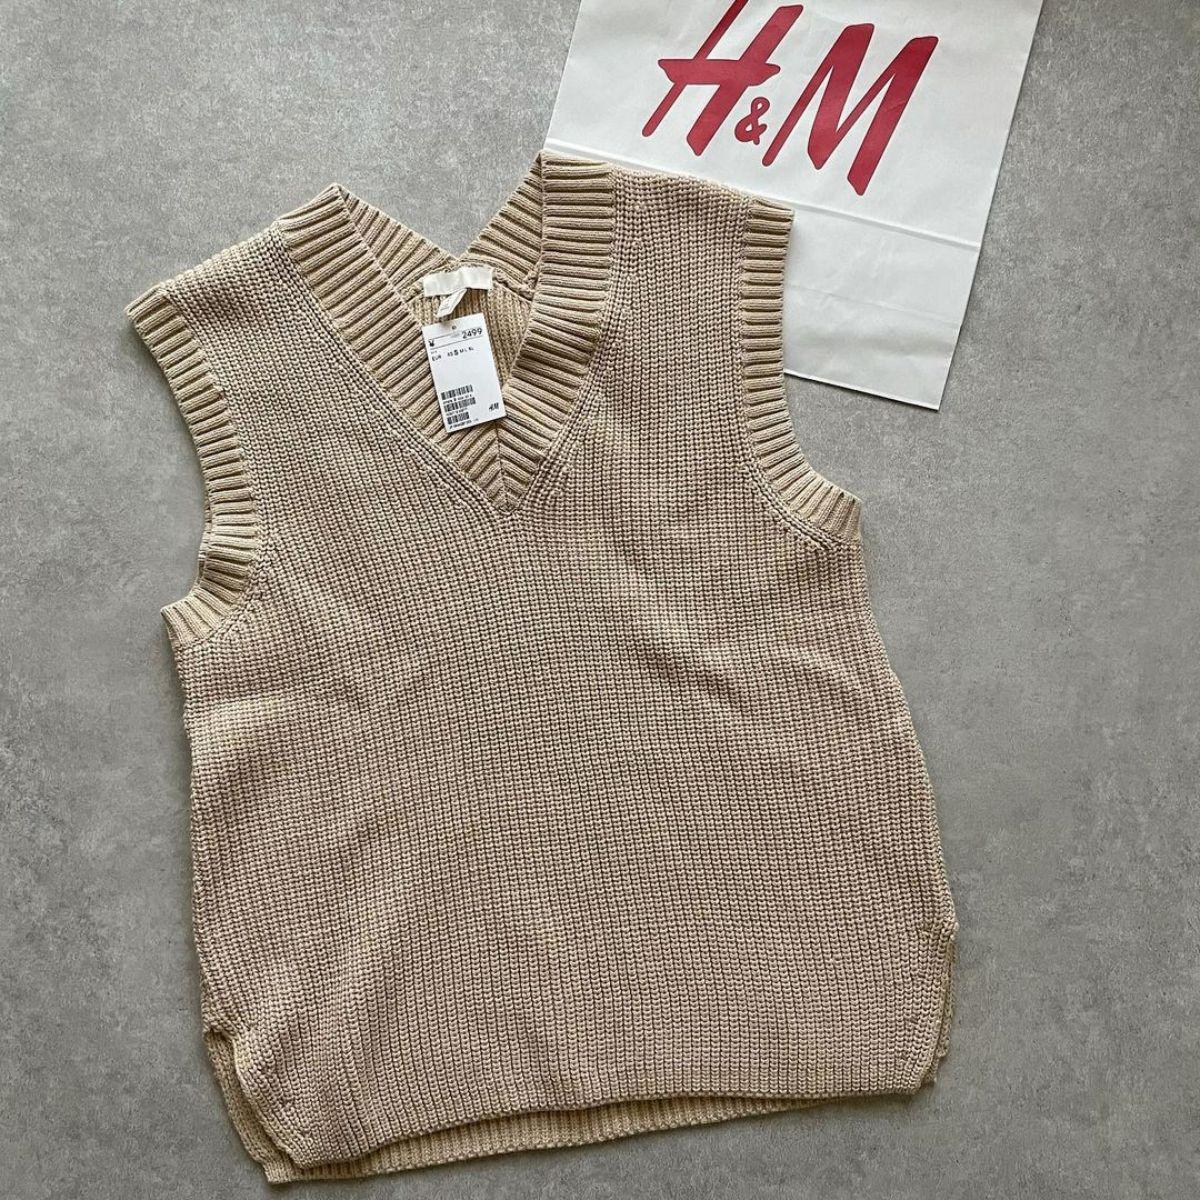 """【H&M】今買うべきなのは春まで使える""""淡色アイテム""""。抜け感を演出できるプチプラおしゃれ服5選"""